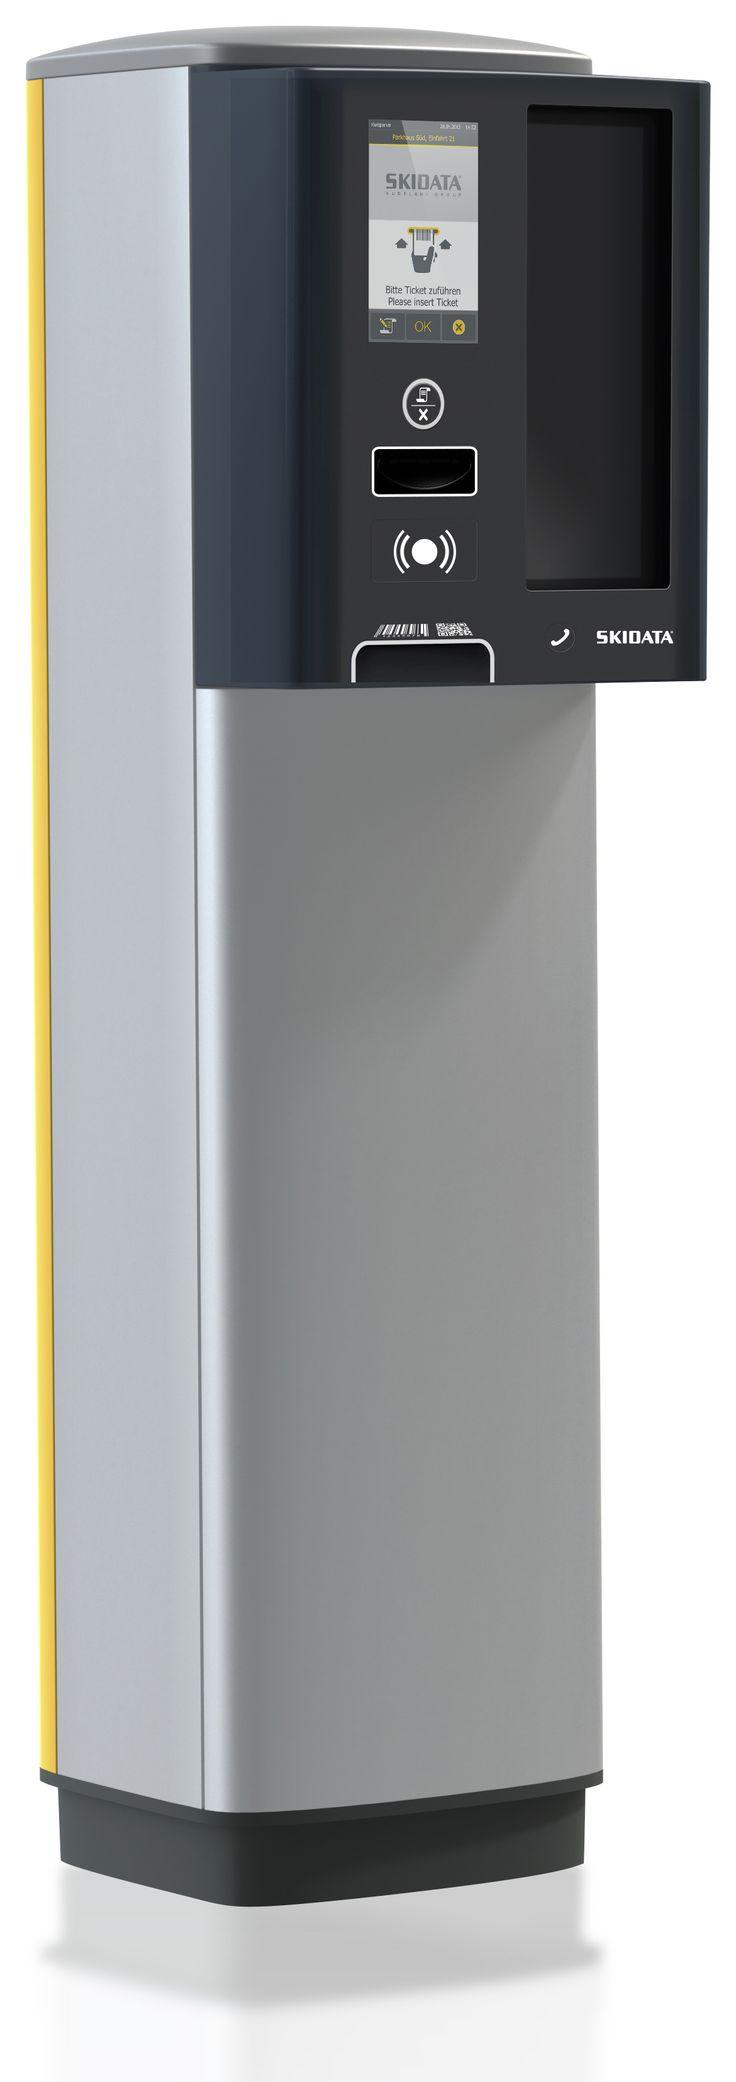 SKIDATA Power.Gate. Jegy- és bérletkezelésre alkalmas be- és kijárati terminál, színes grafikus kijelzővel.